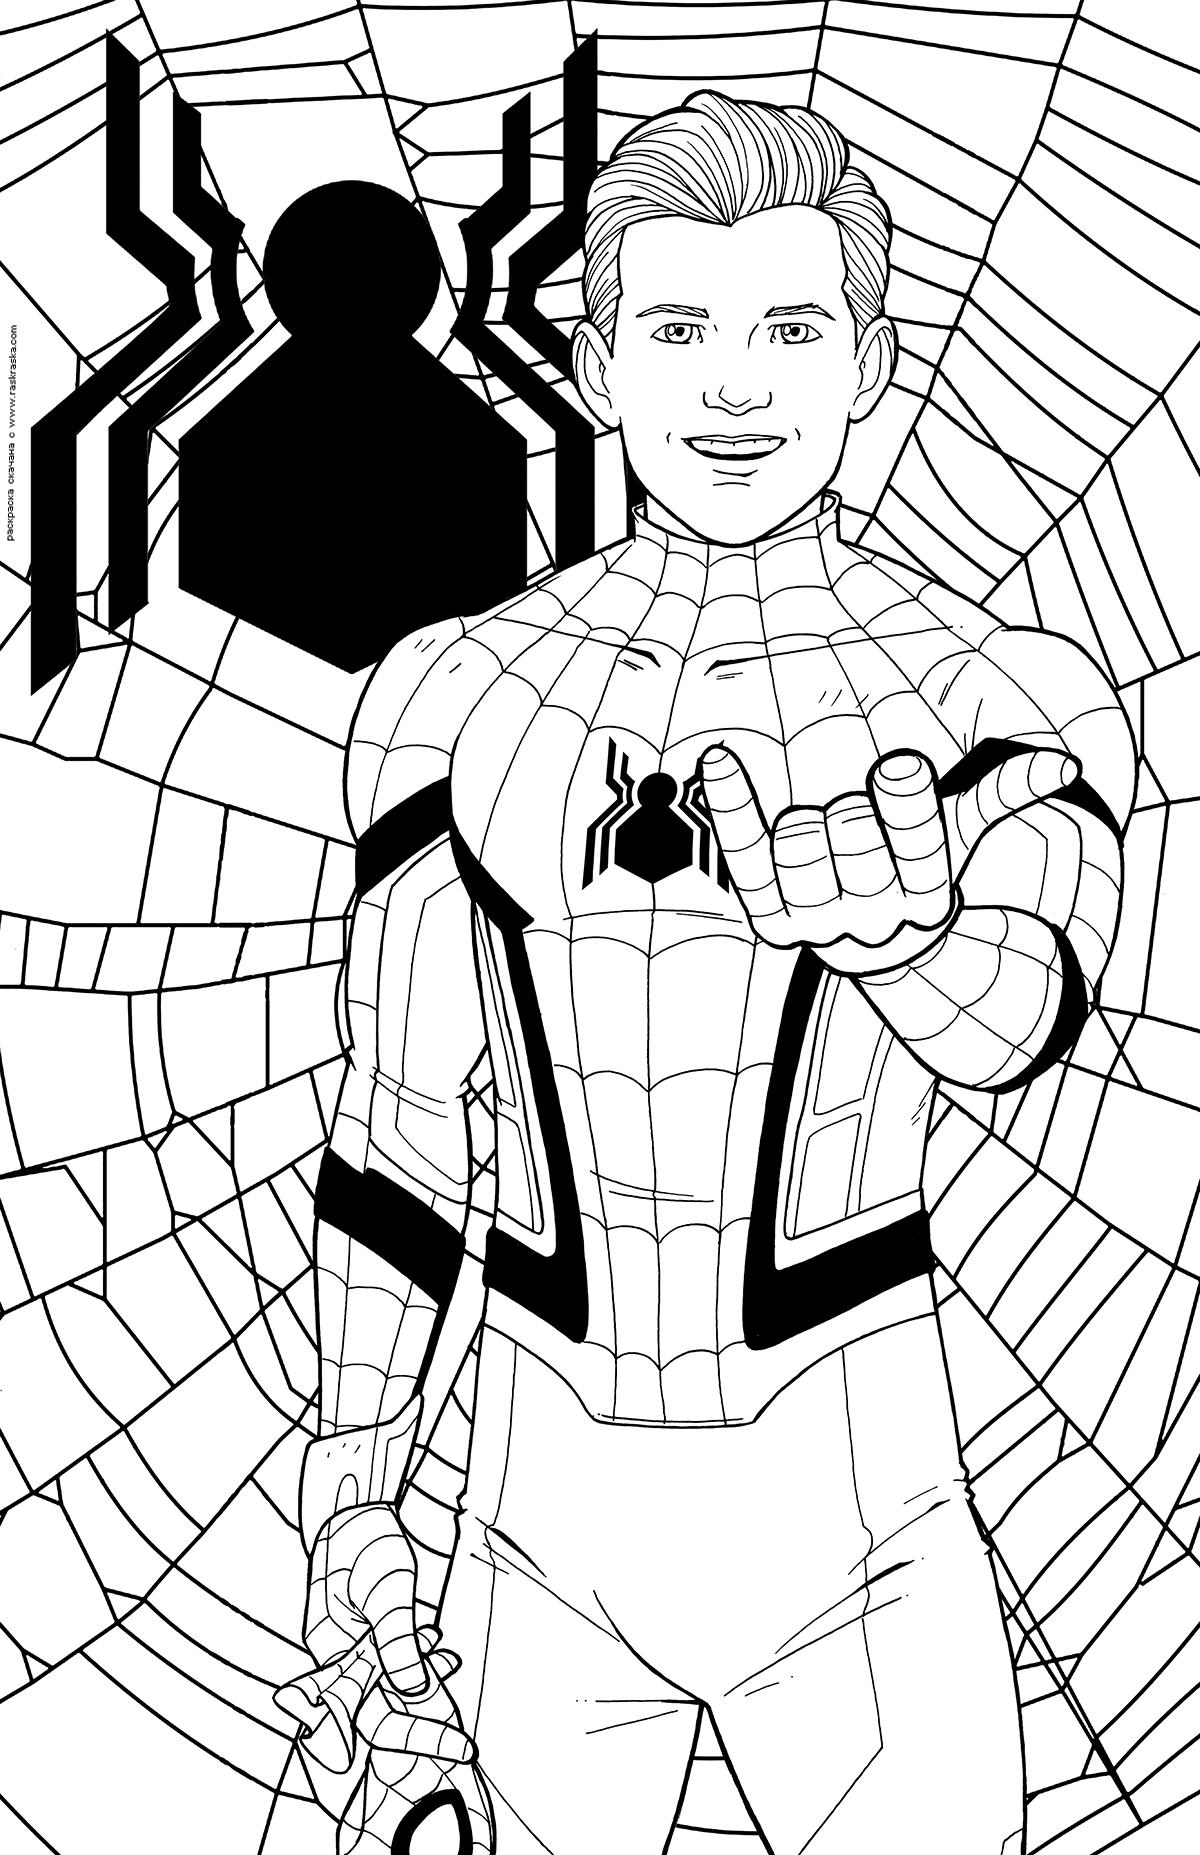 Раскраска Человек-паук. Раскраска Персонаж Marvel Comics, супергерой, Питер Паркер